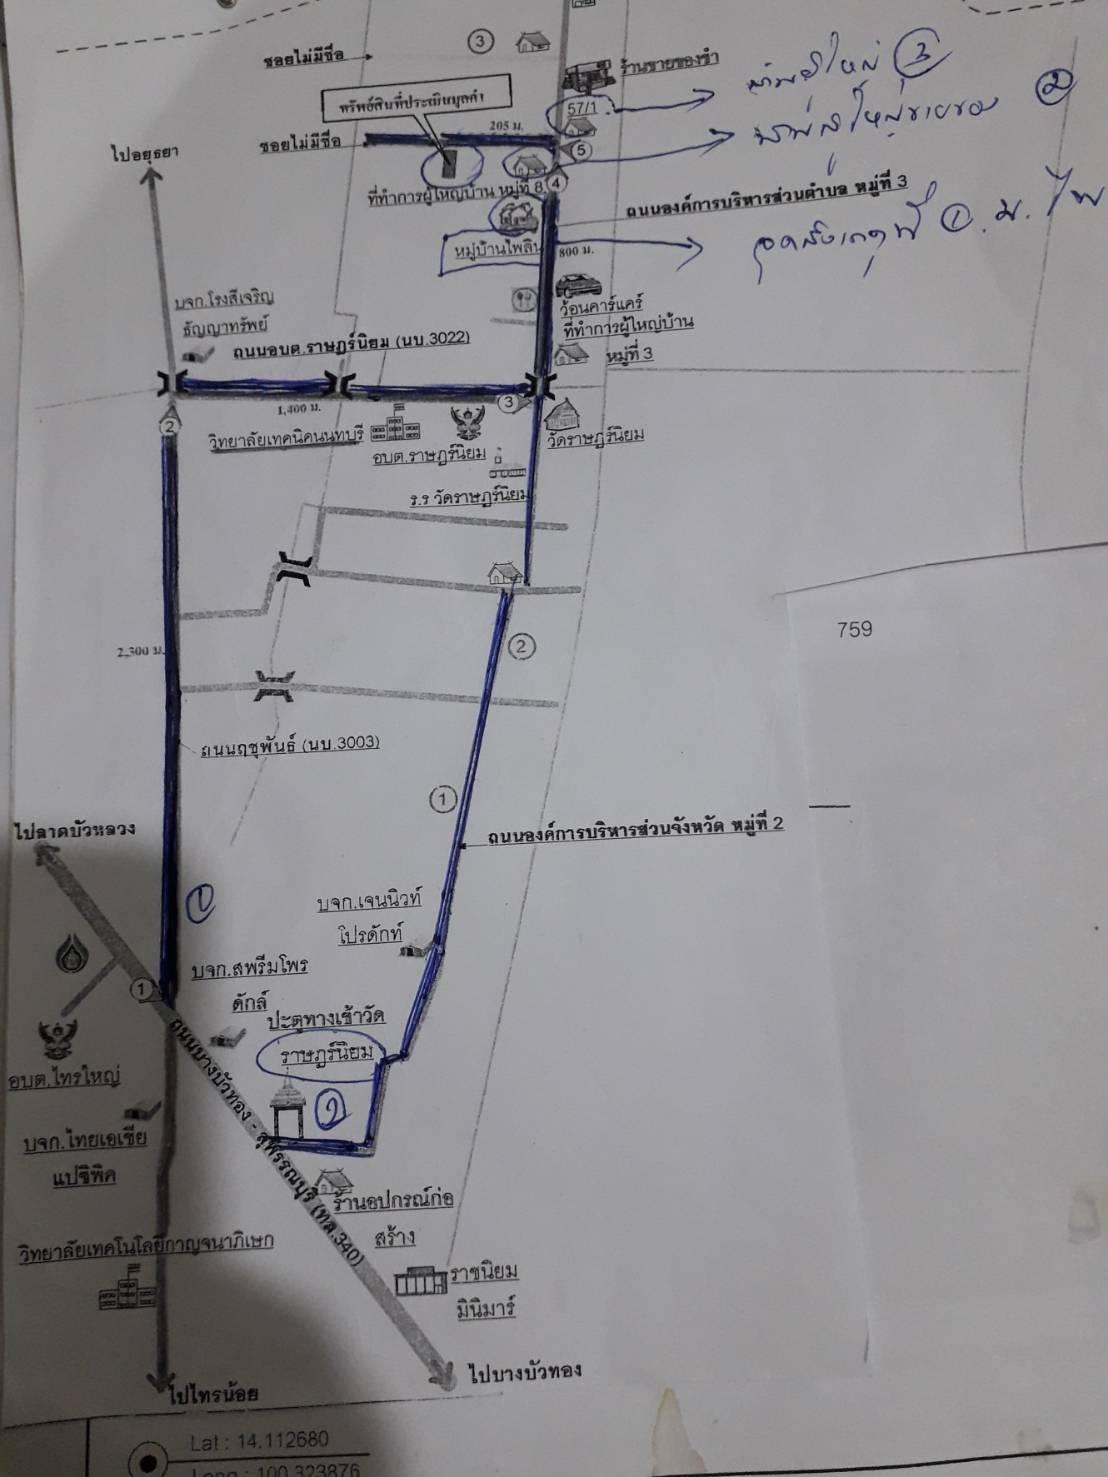 ภาพขายที่ดิน ไทรน้อย 101 ตรว. ใกล้เทคนิคนนทบุรี